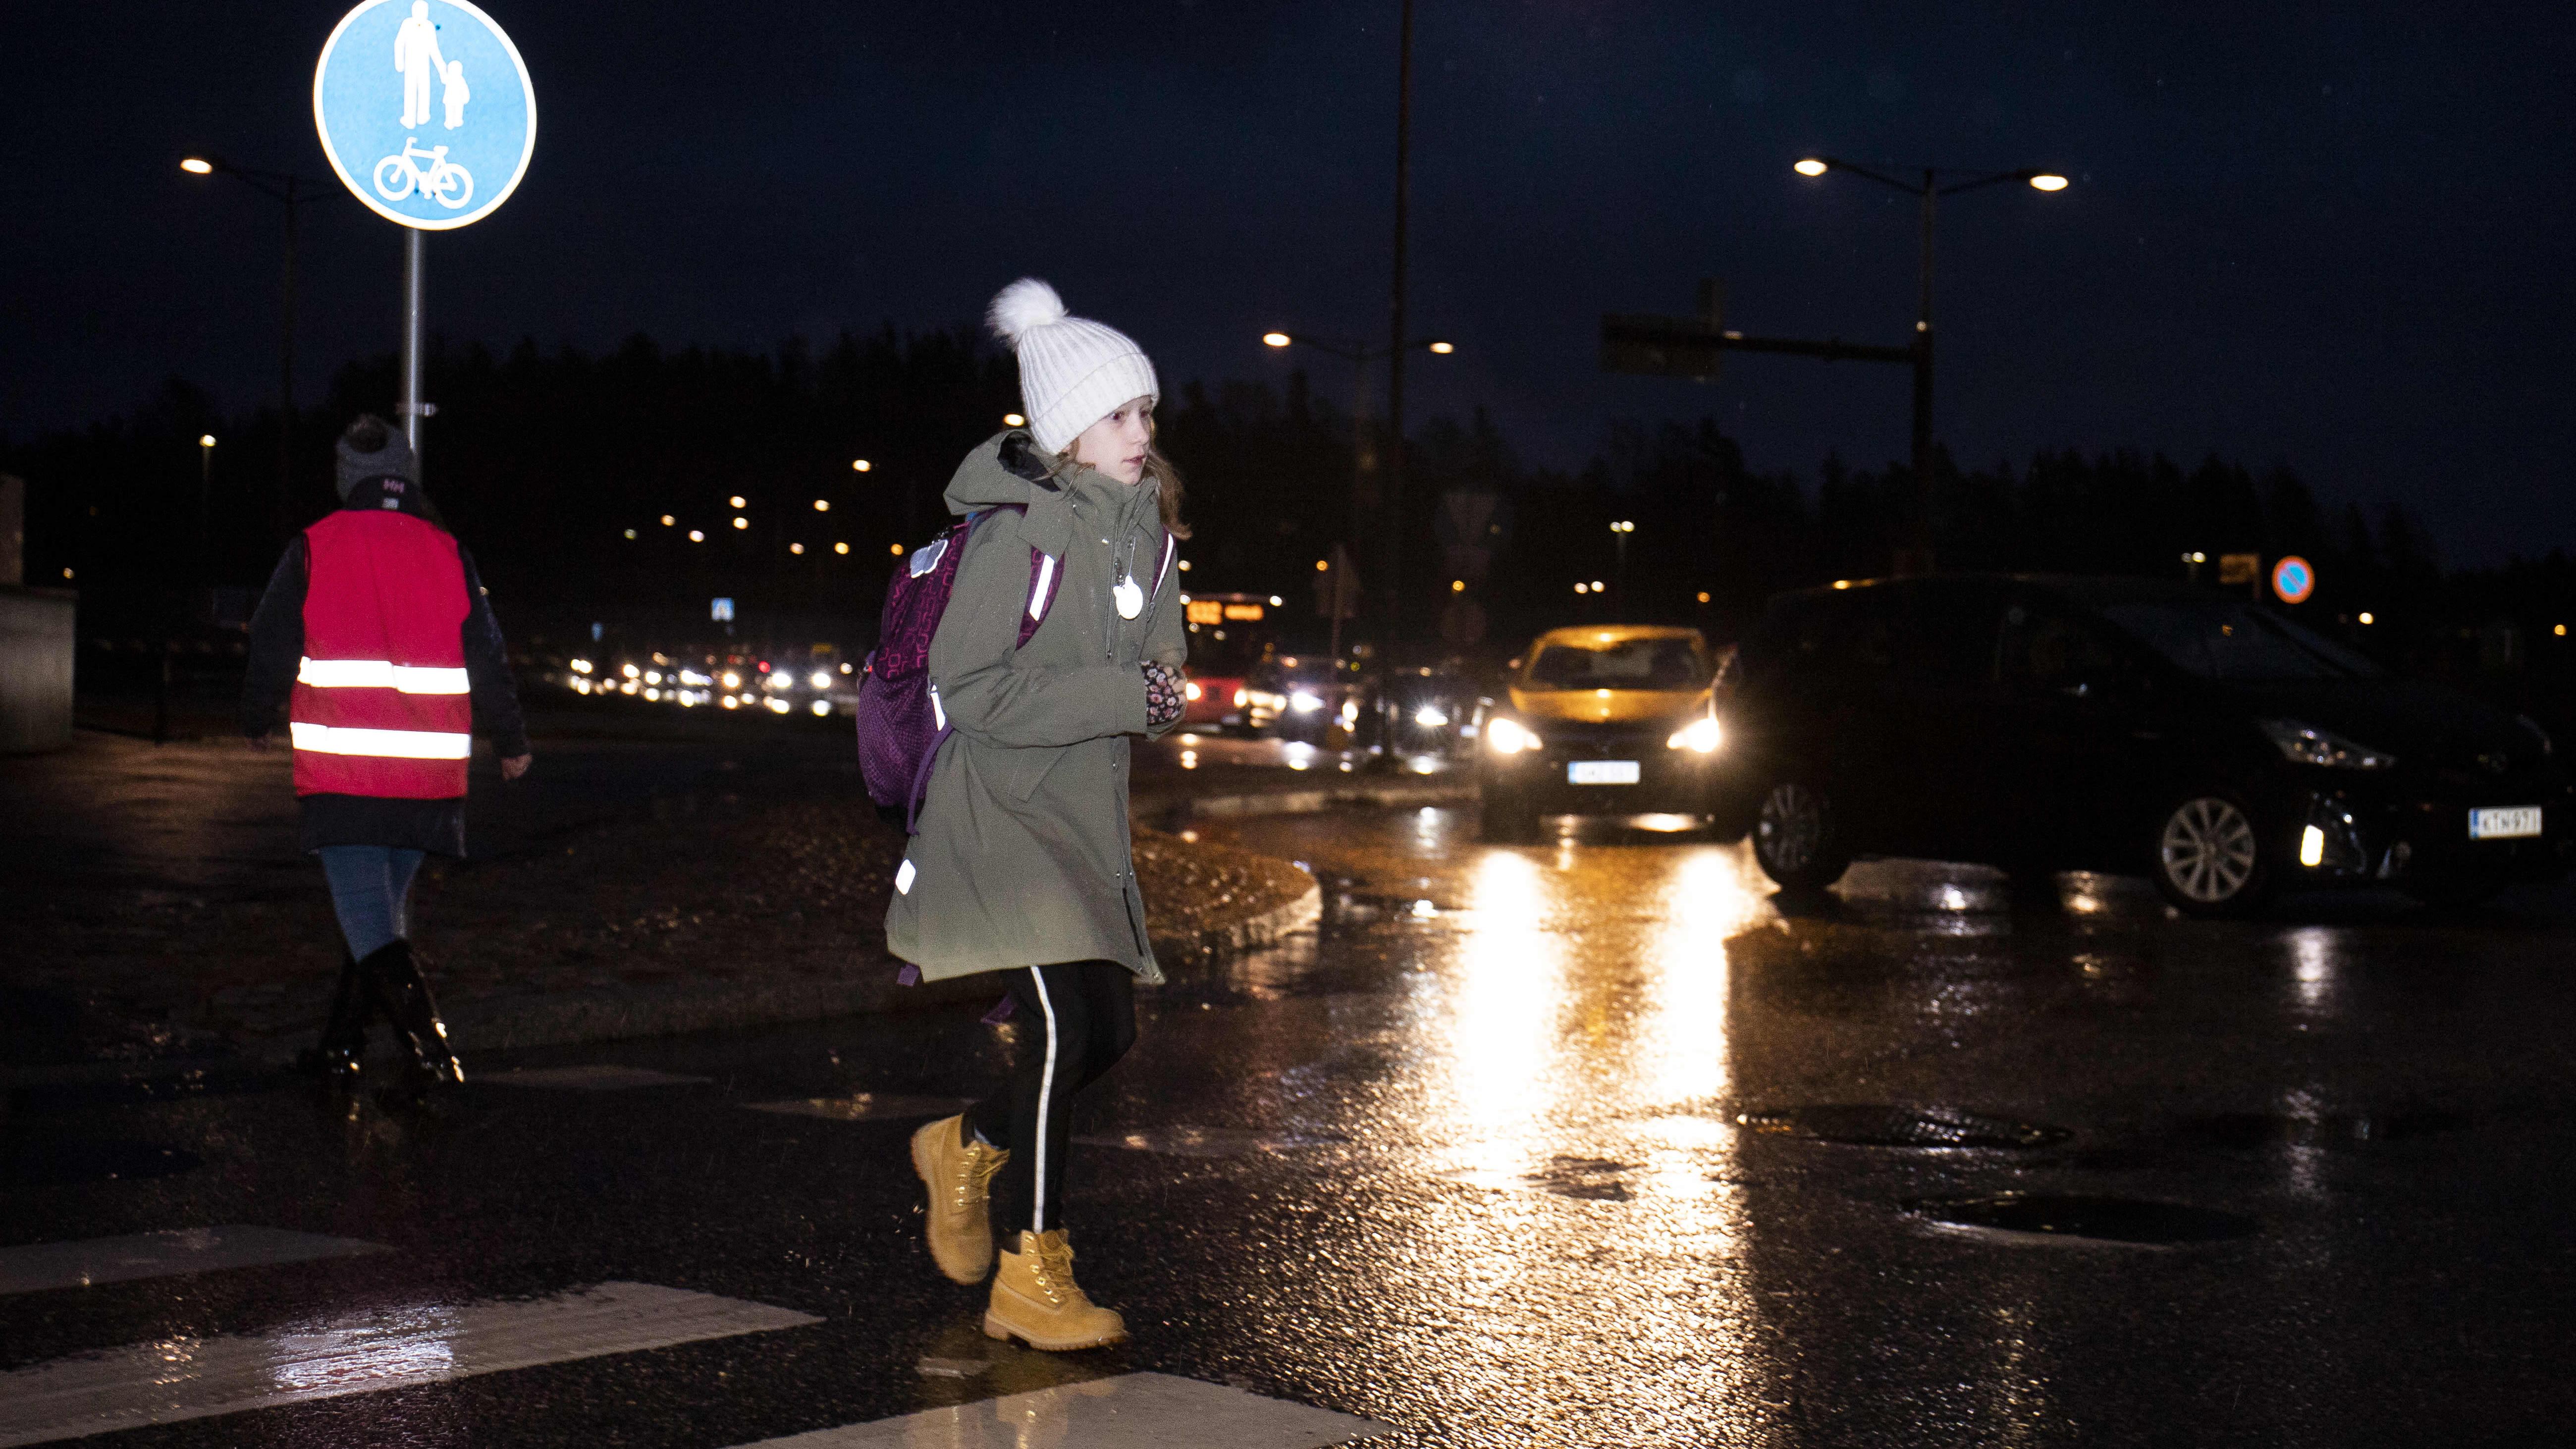 Liikenneruuhka Opinmäen koulun edessä Espoon Suurpellossa.